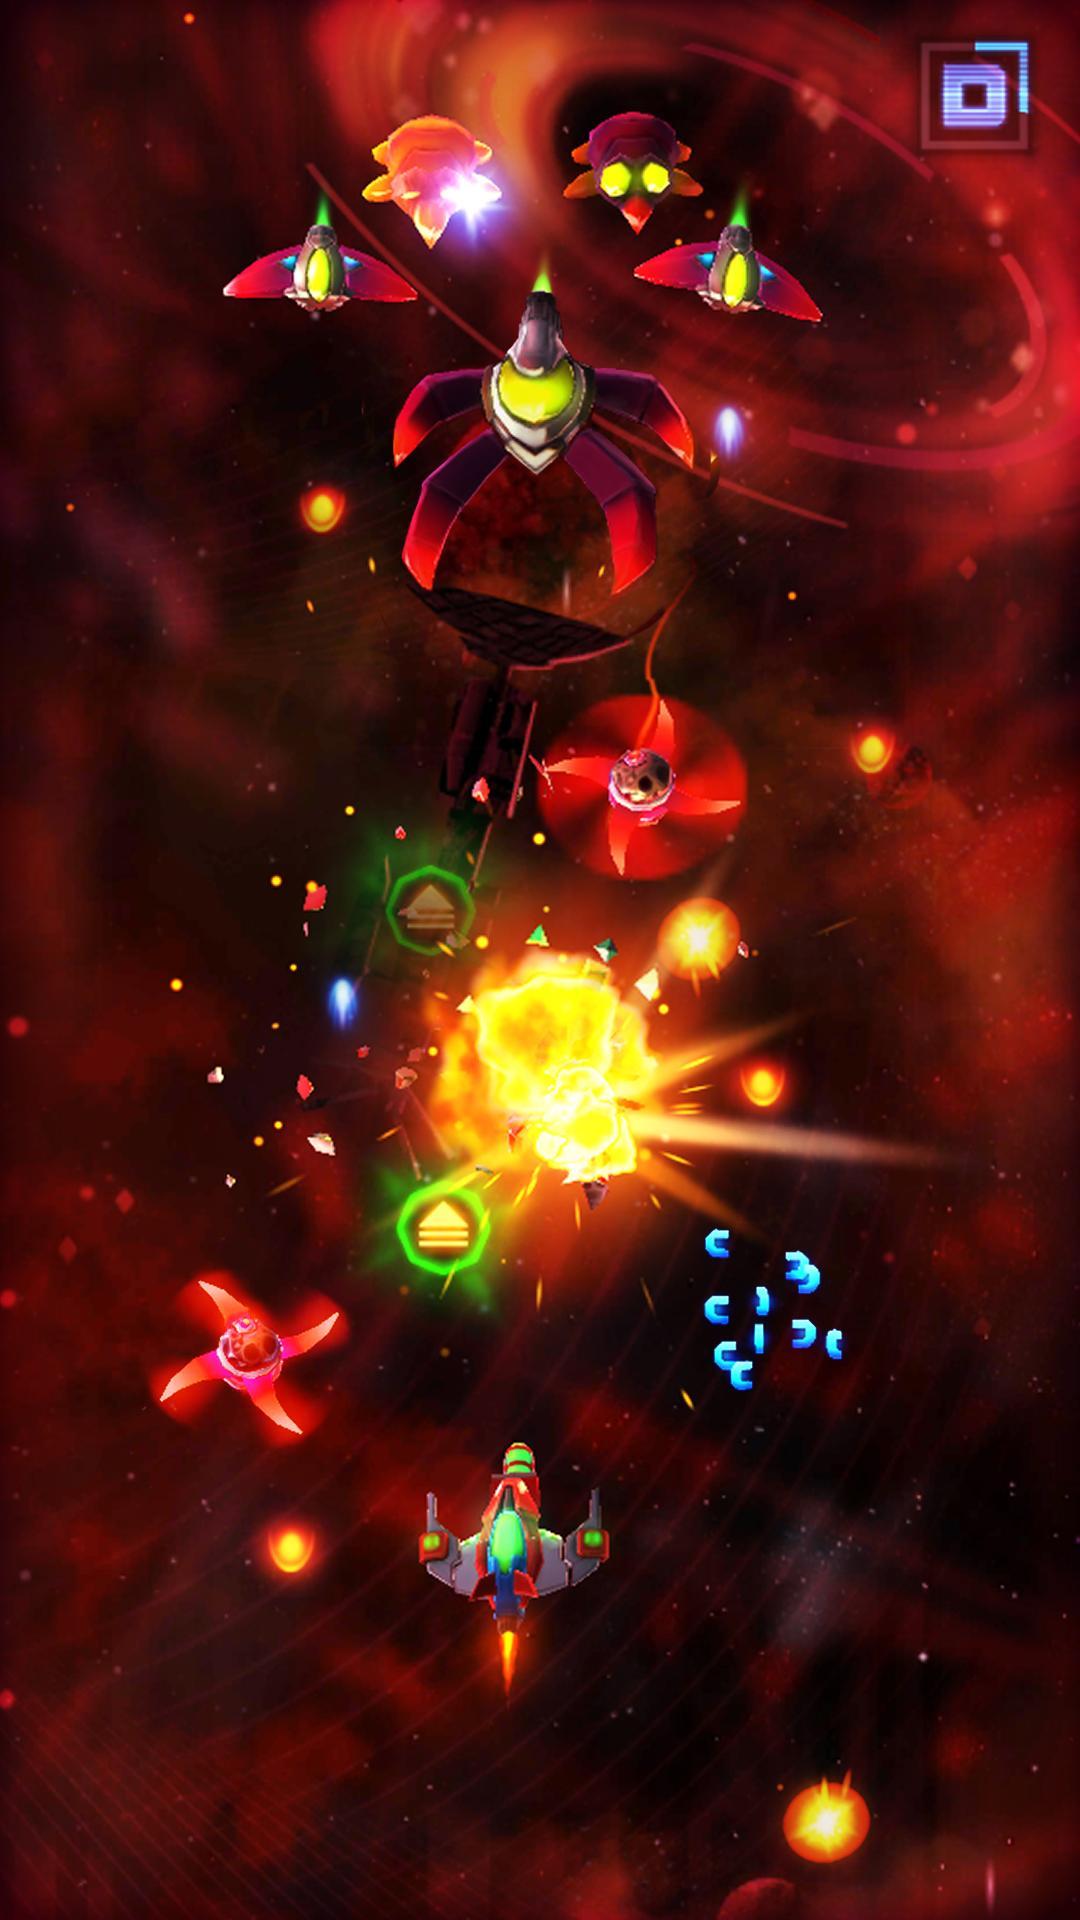 Neonverse Invaders Shoot 'Em Up: Galaxy Shooter screenshot 1